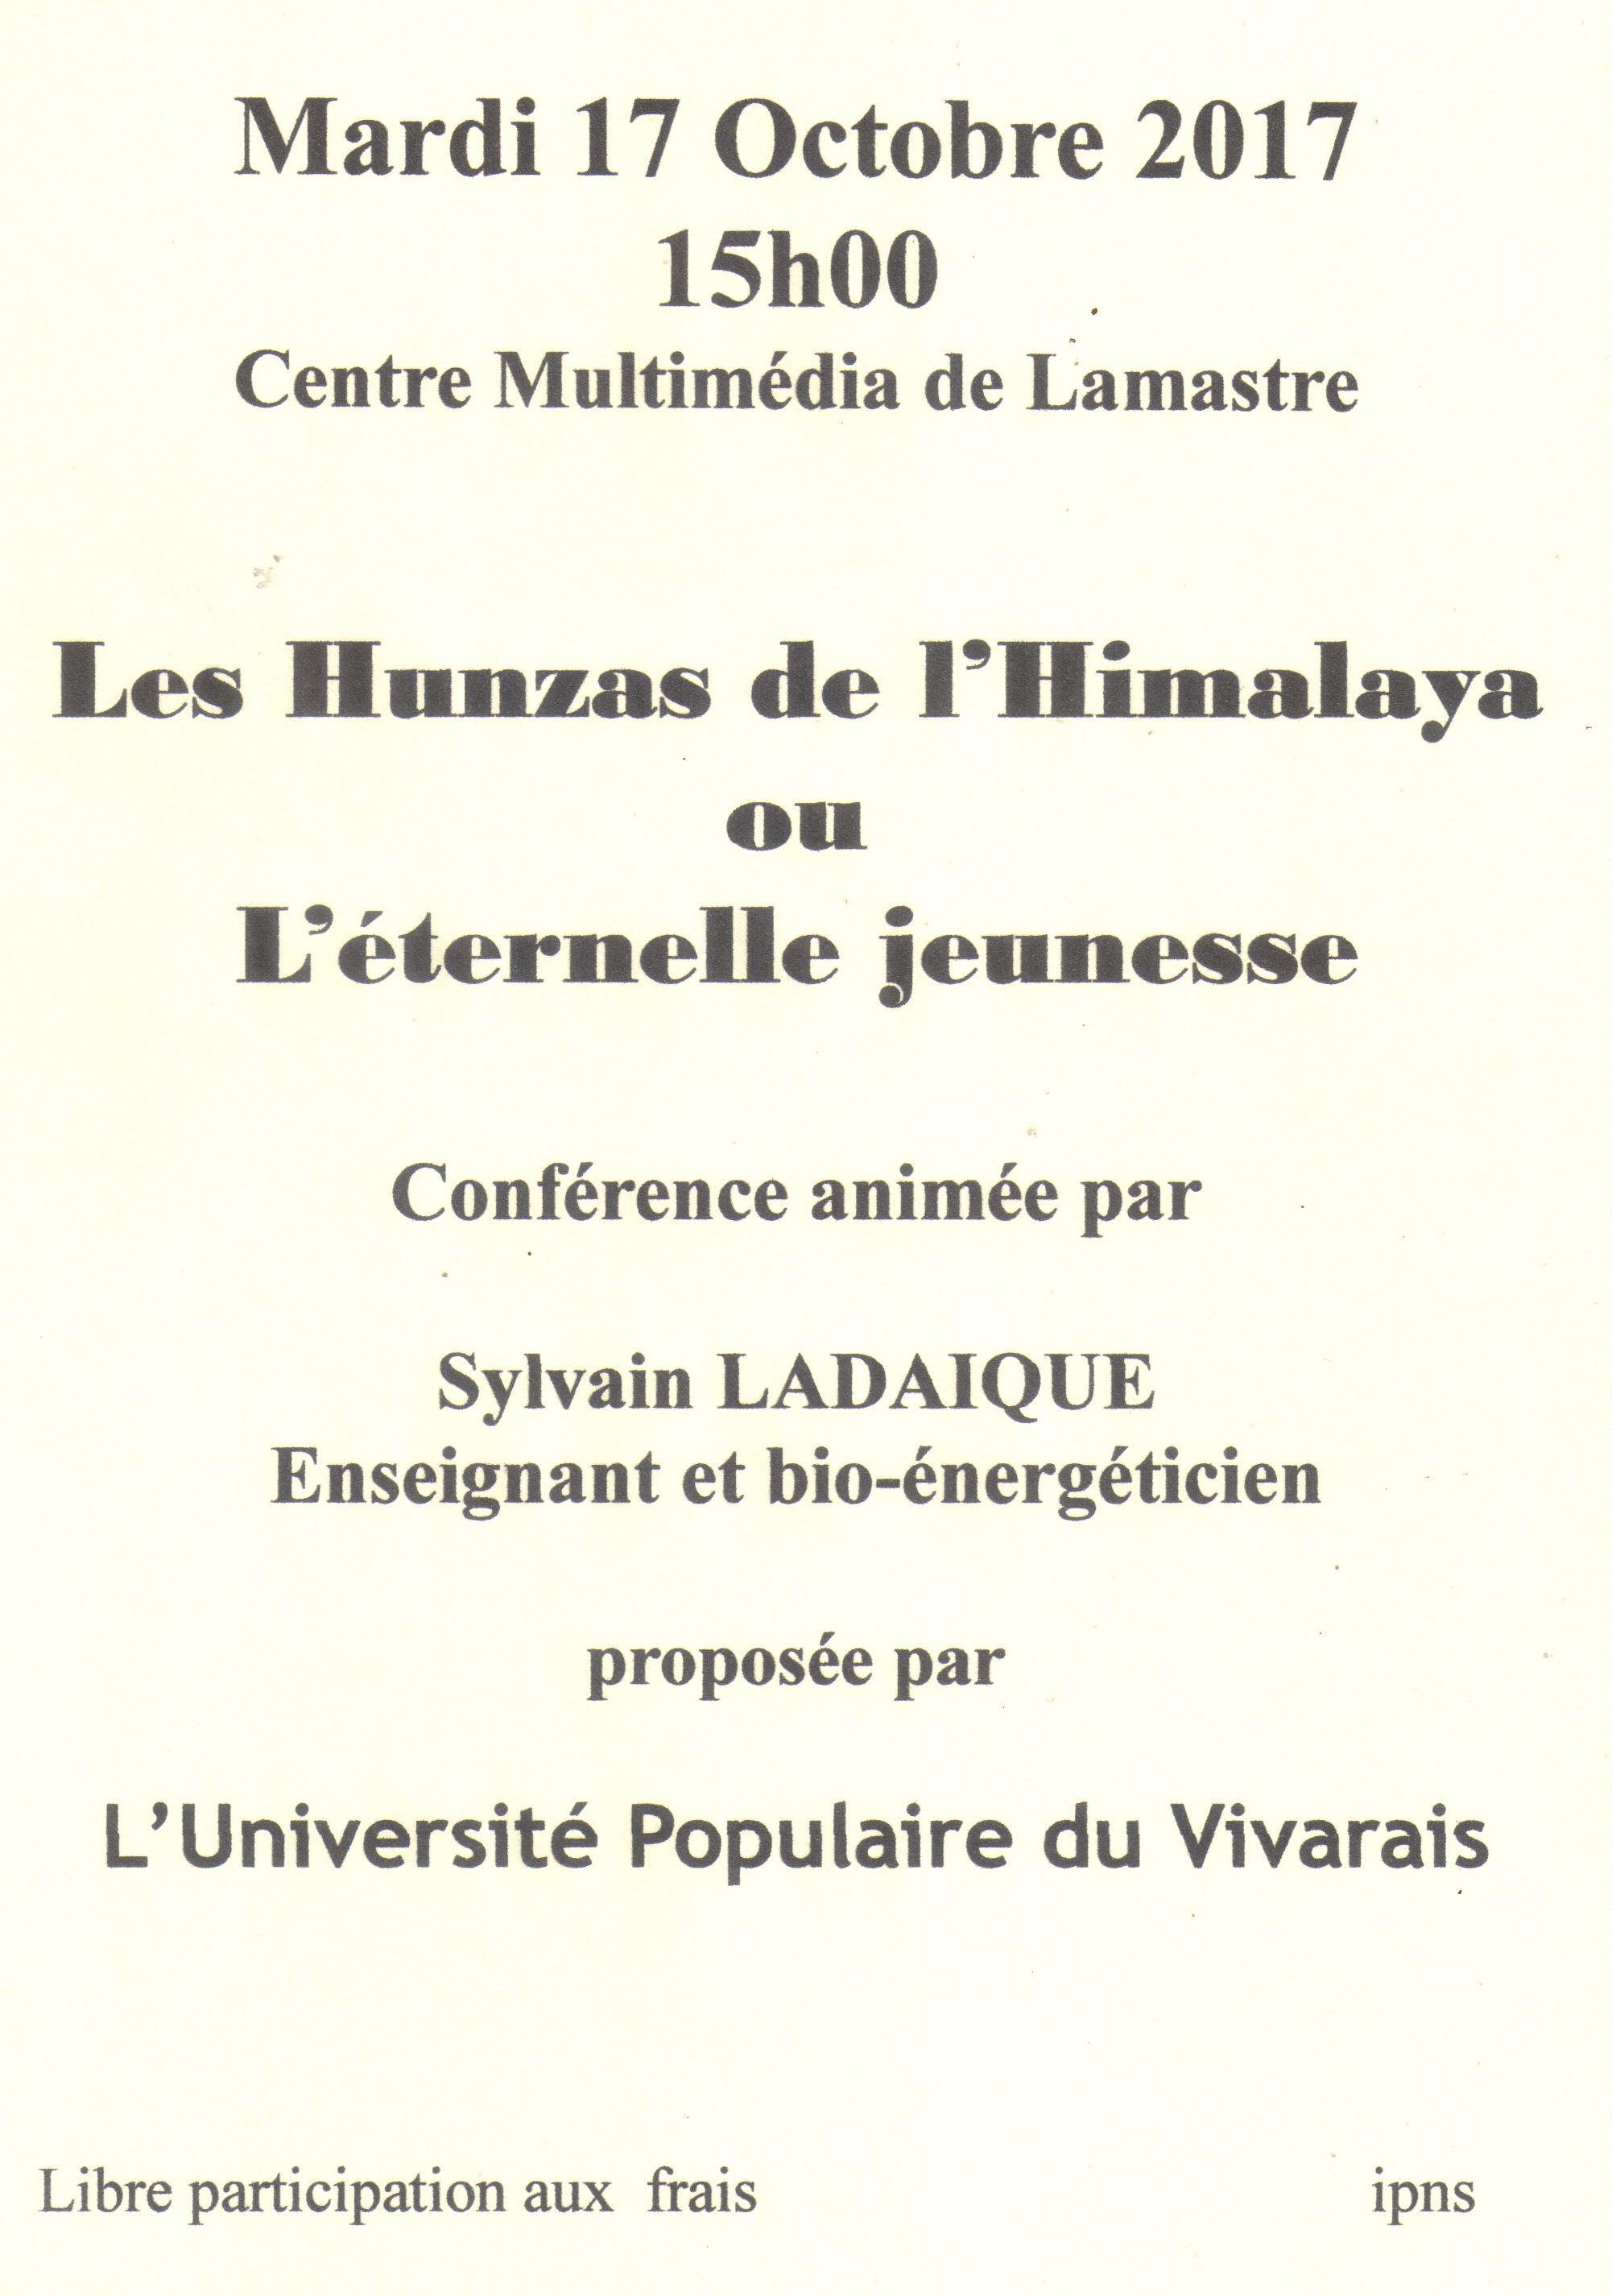 Affiche conférence Les Hunzas